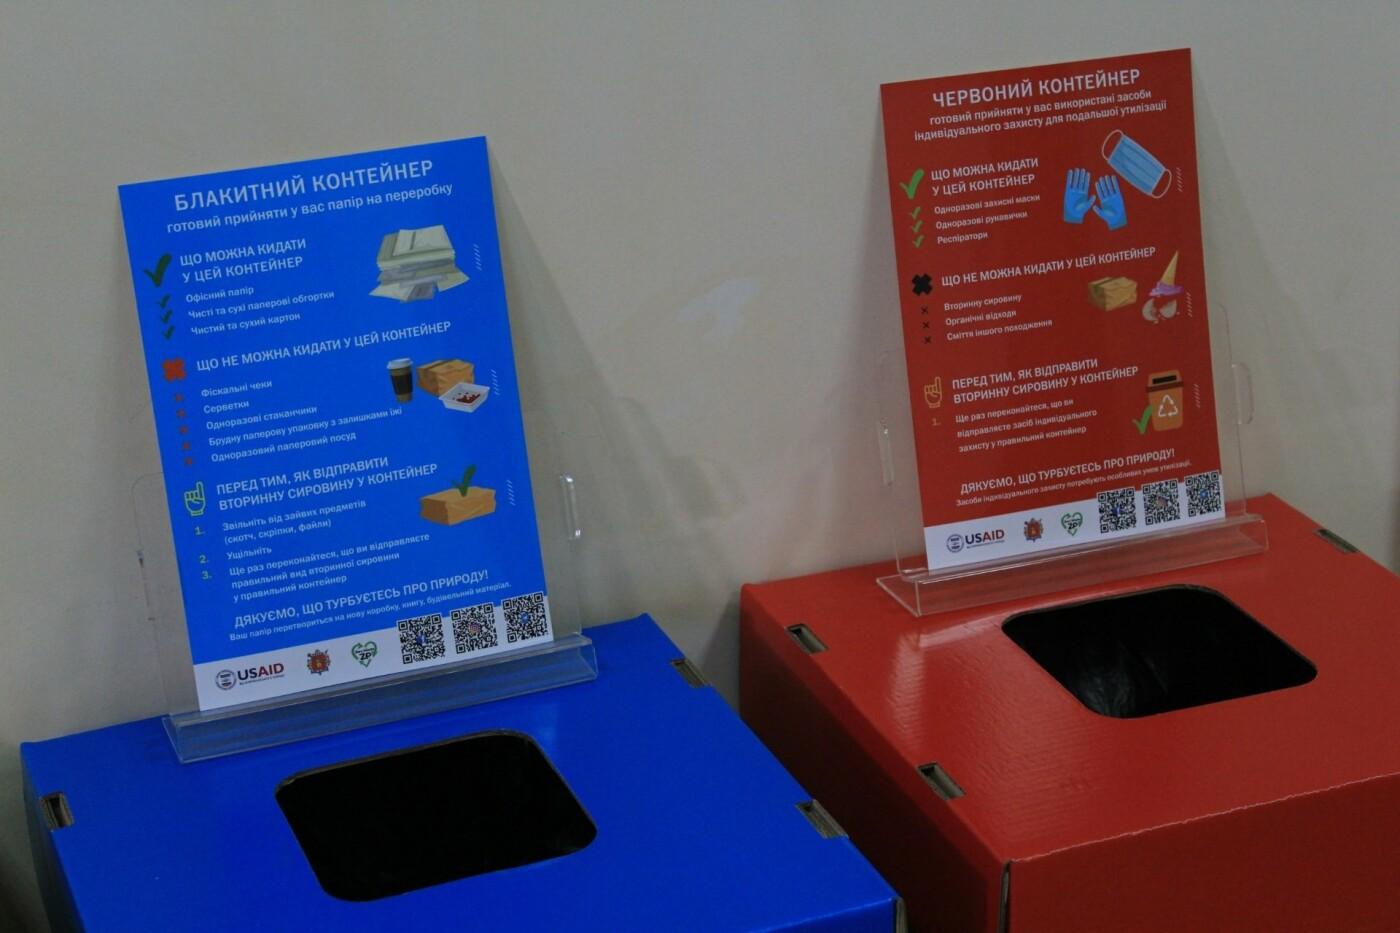 В Запорожье в Центрах предоставления админуслуг появились контейнеры для раздельного сбора мусора, - ФОТО, фото-2